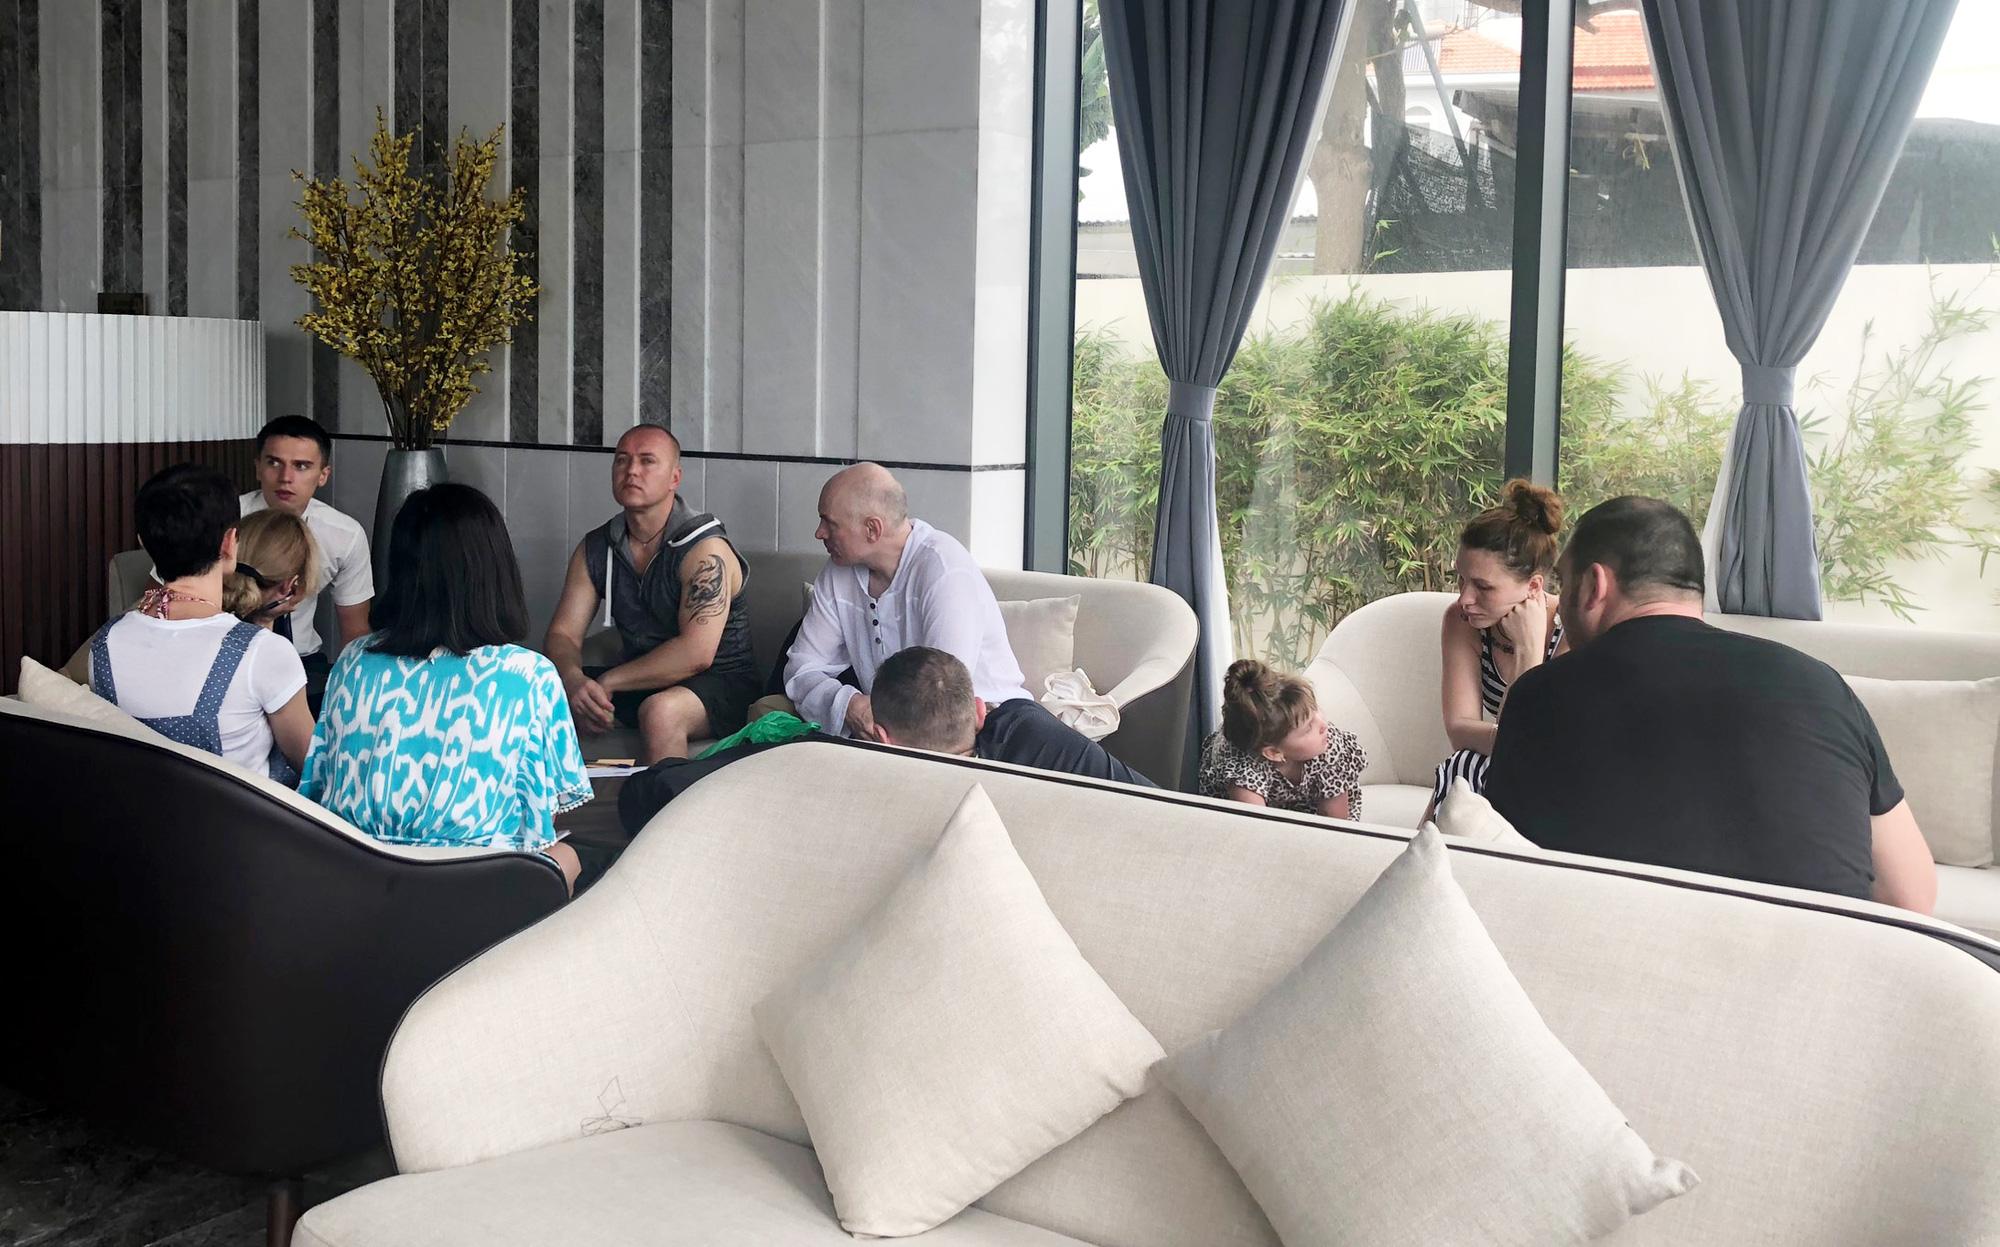 Vừa vận hành ổn định, khách sạn 5 sao tại Nha Trang lỗ hơn 5 tỉ đồng/tháng vì Covid-19  - Ảnh 6.